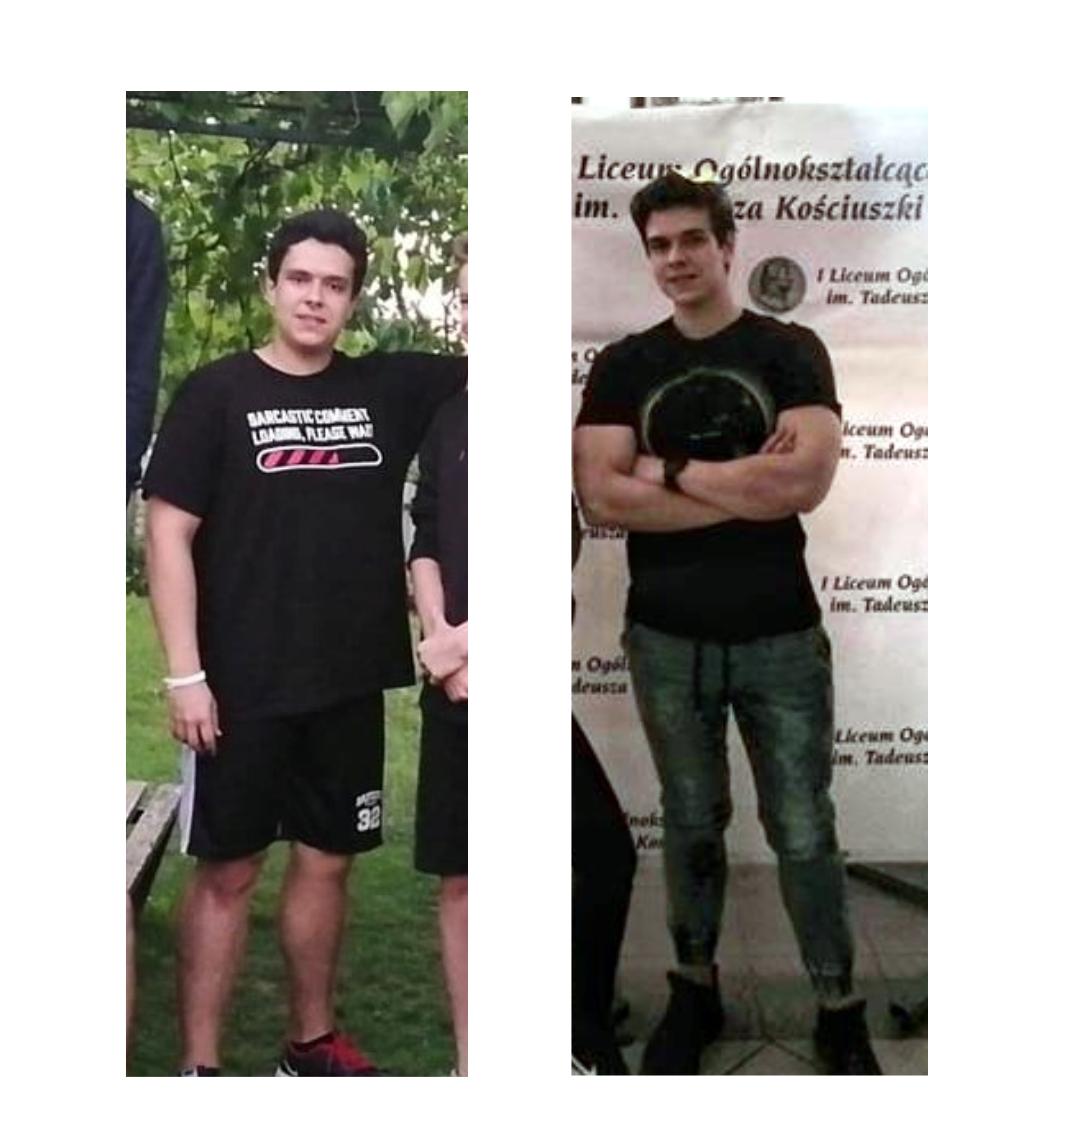 Mój sukces to 14kg mniej w 2,5 miesiąca